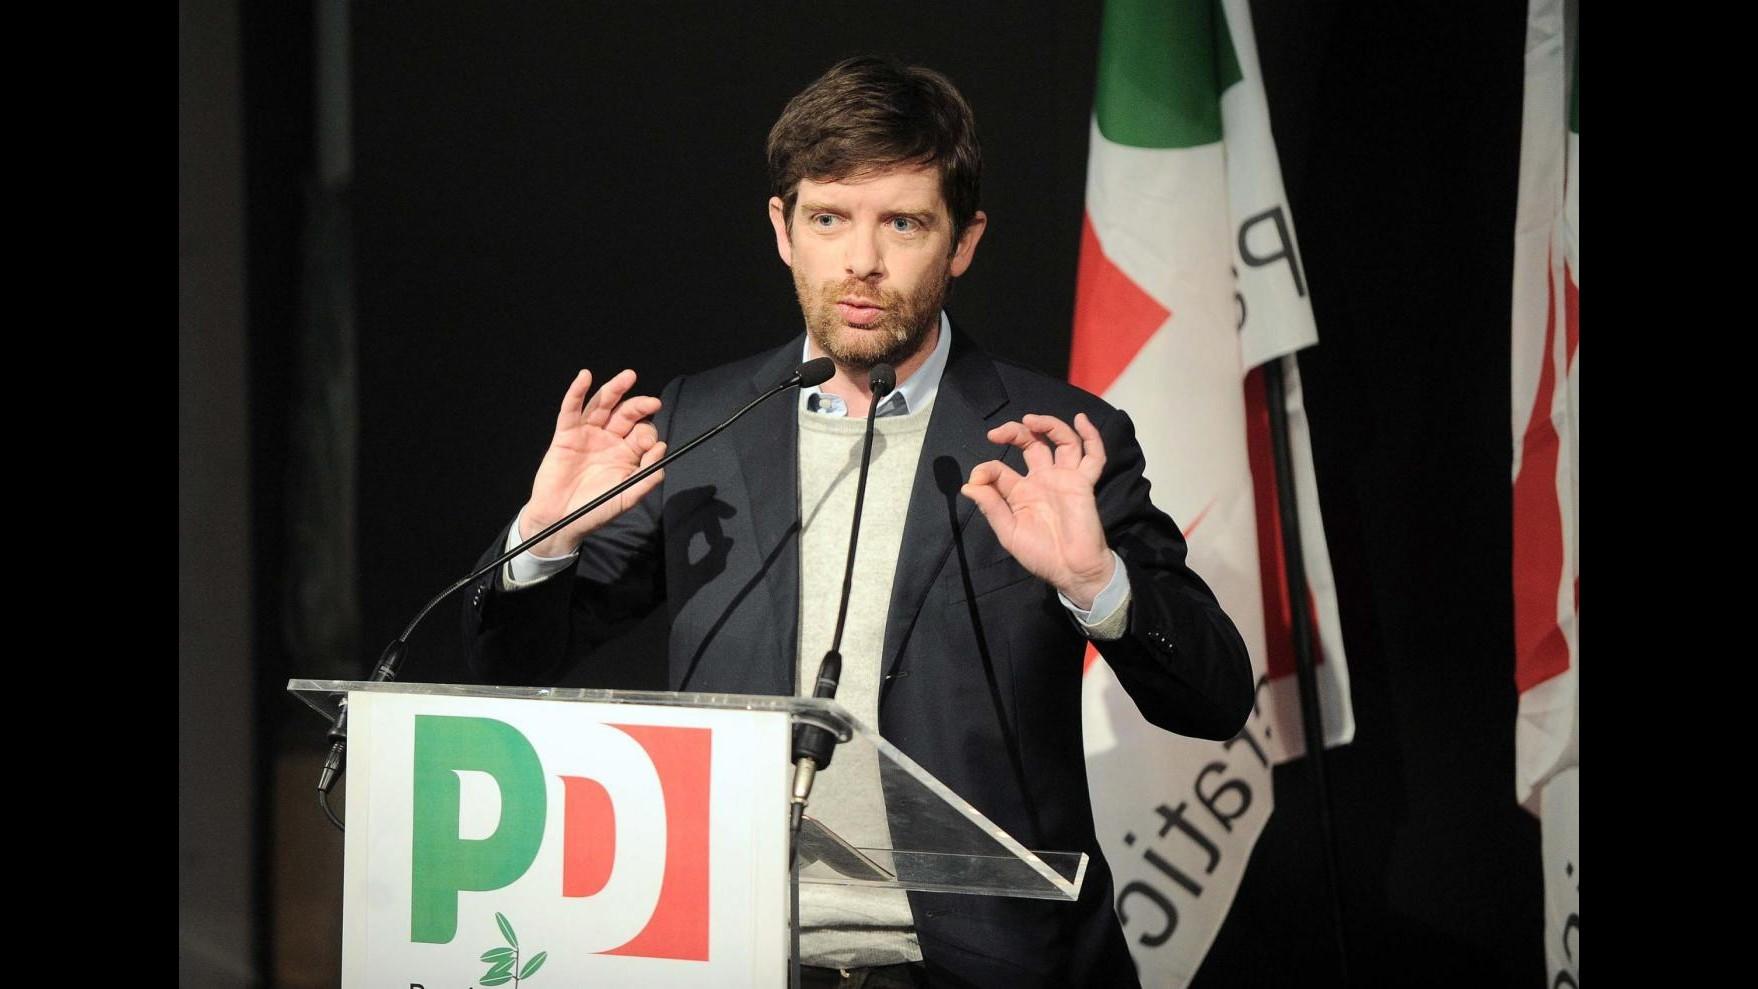 Legge elettorale, Civati (Pd): Renzi non la cambia, io non la voto